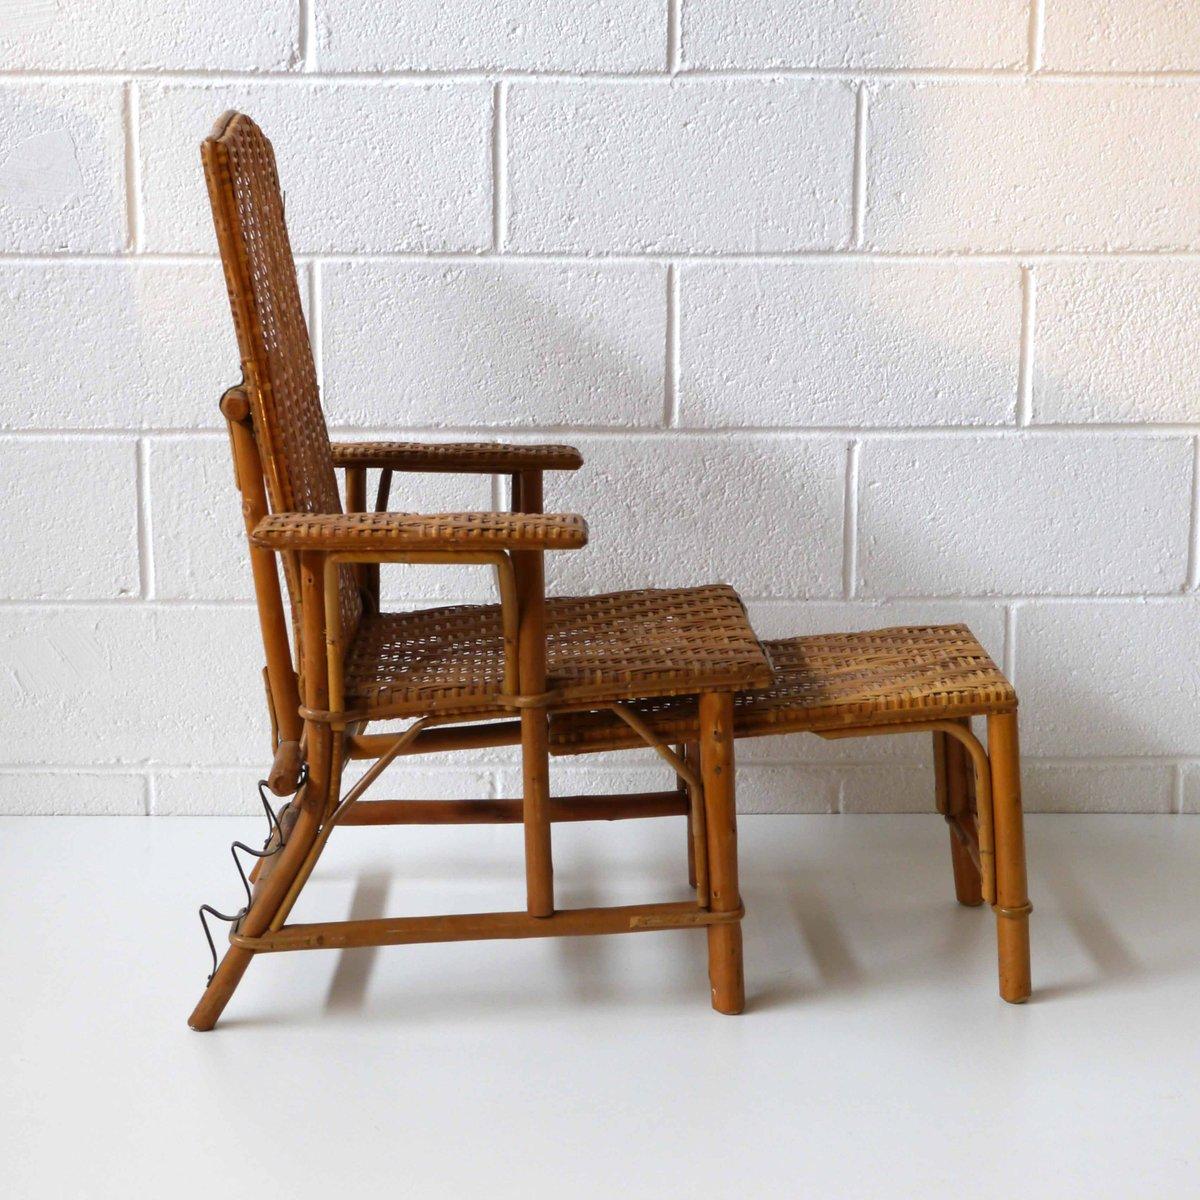 chaise pour enfant en rotin 1960s en vente sur pamono. Black Bedroom Furniture Sets. Home Design Ideas